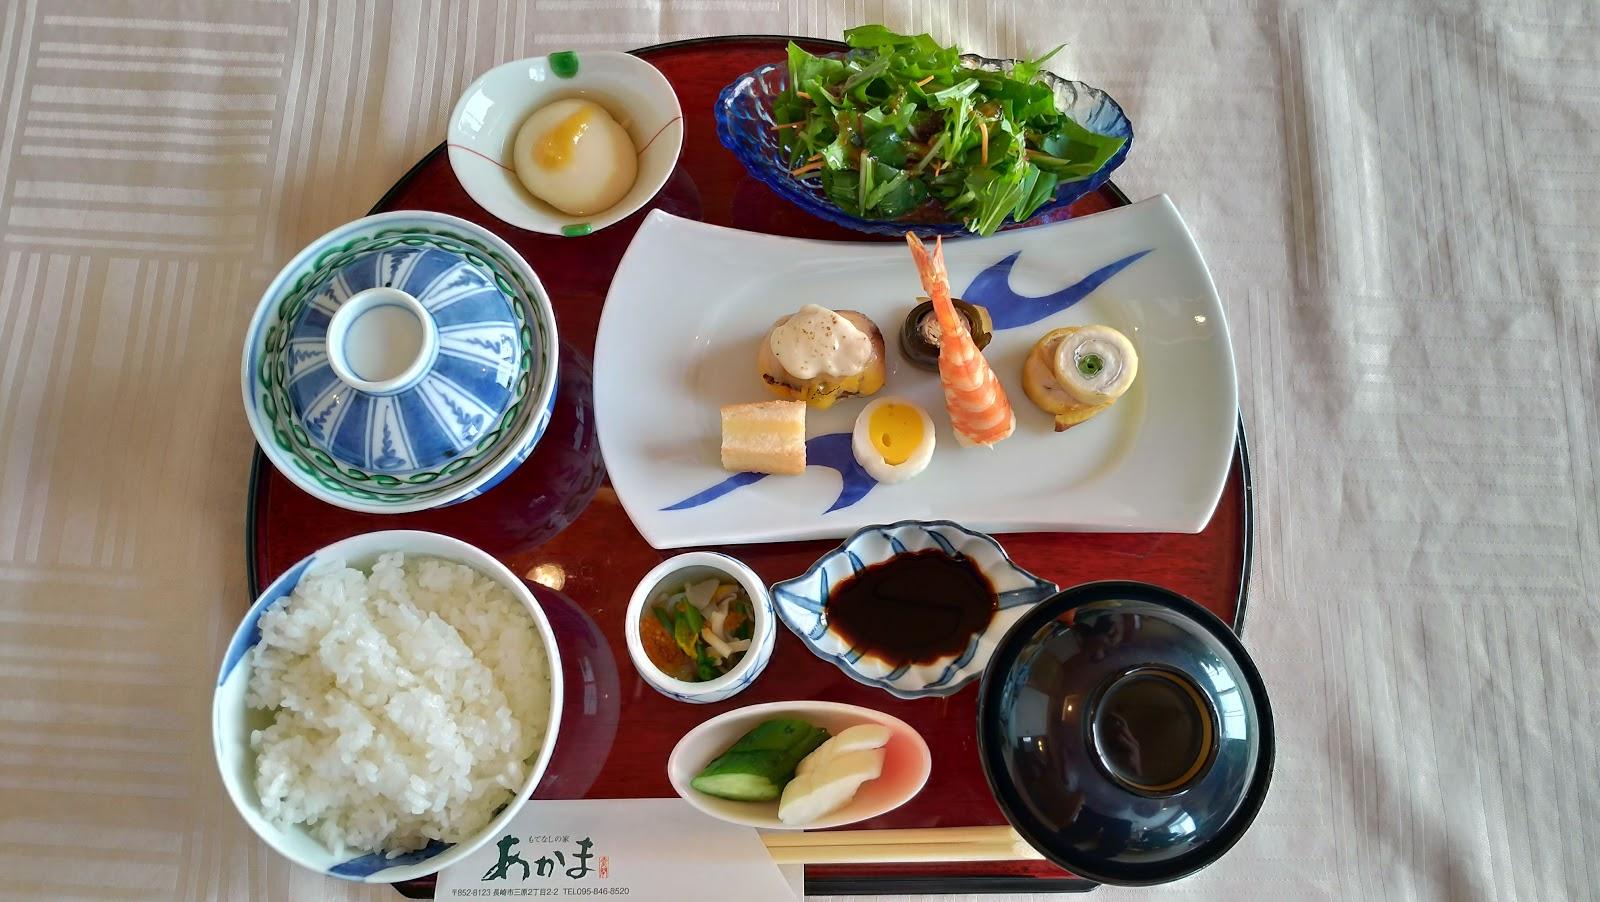 長崎市お食事処あかまのお祝い事の食事